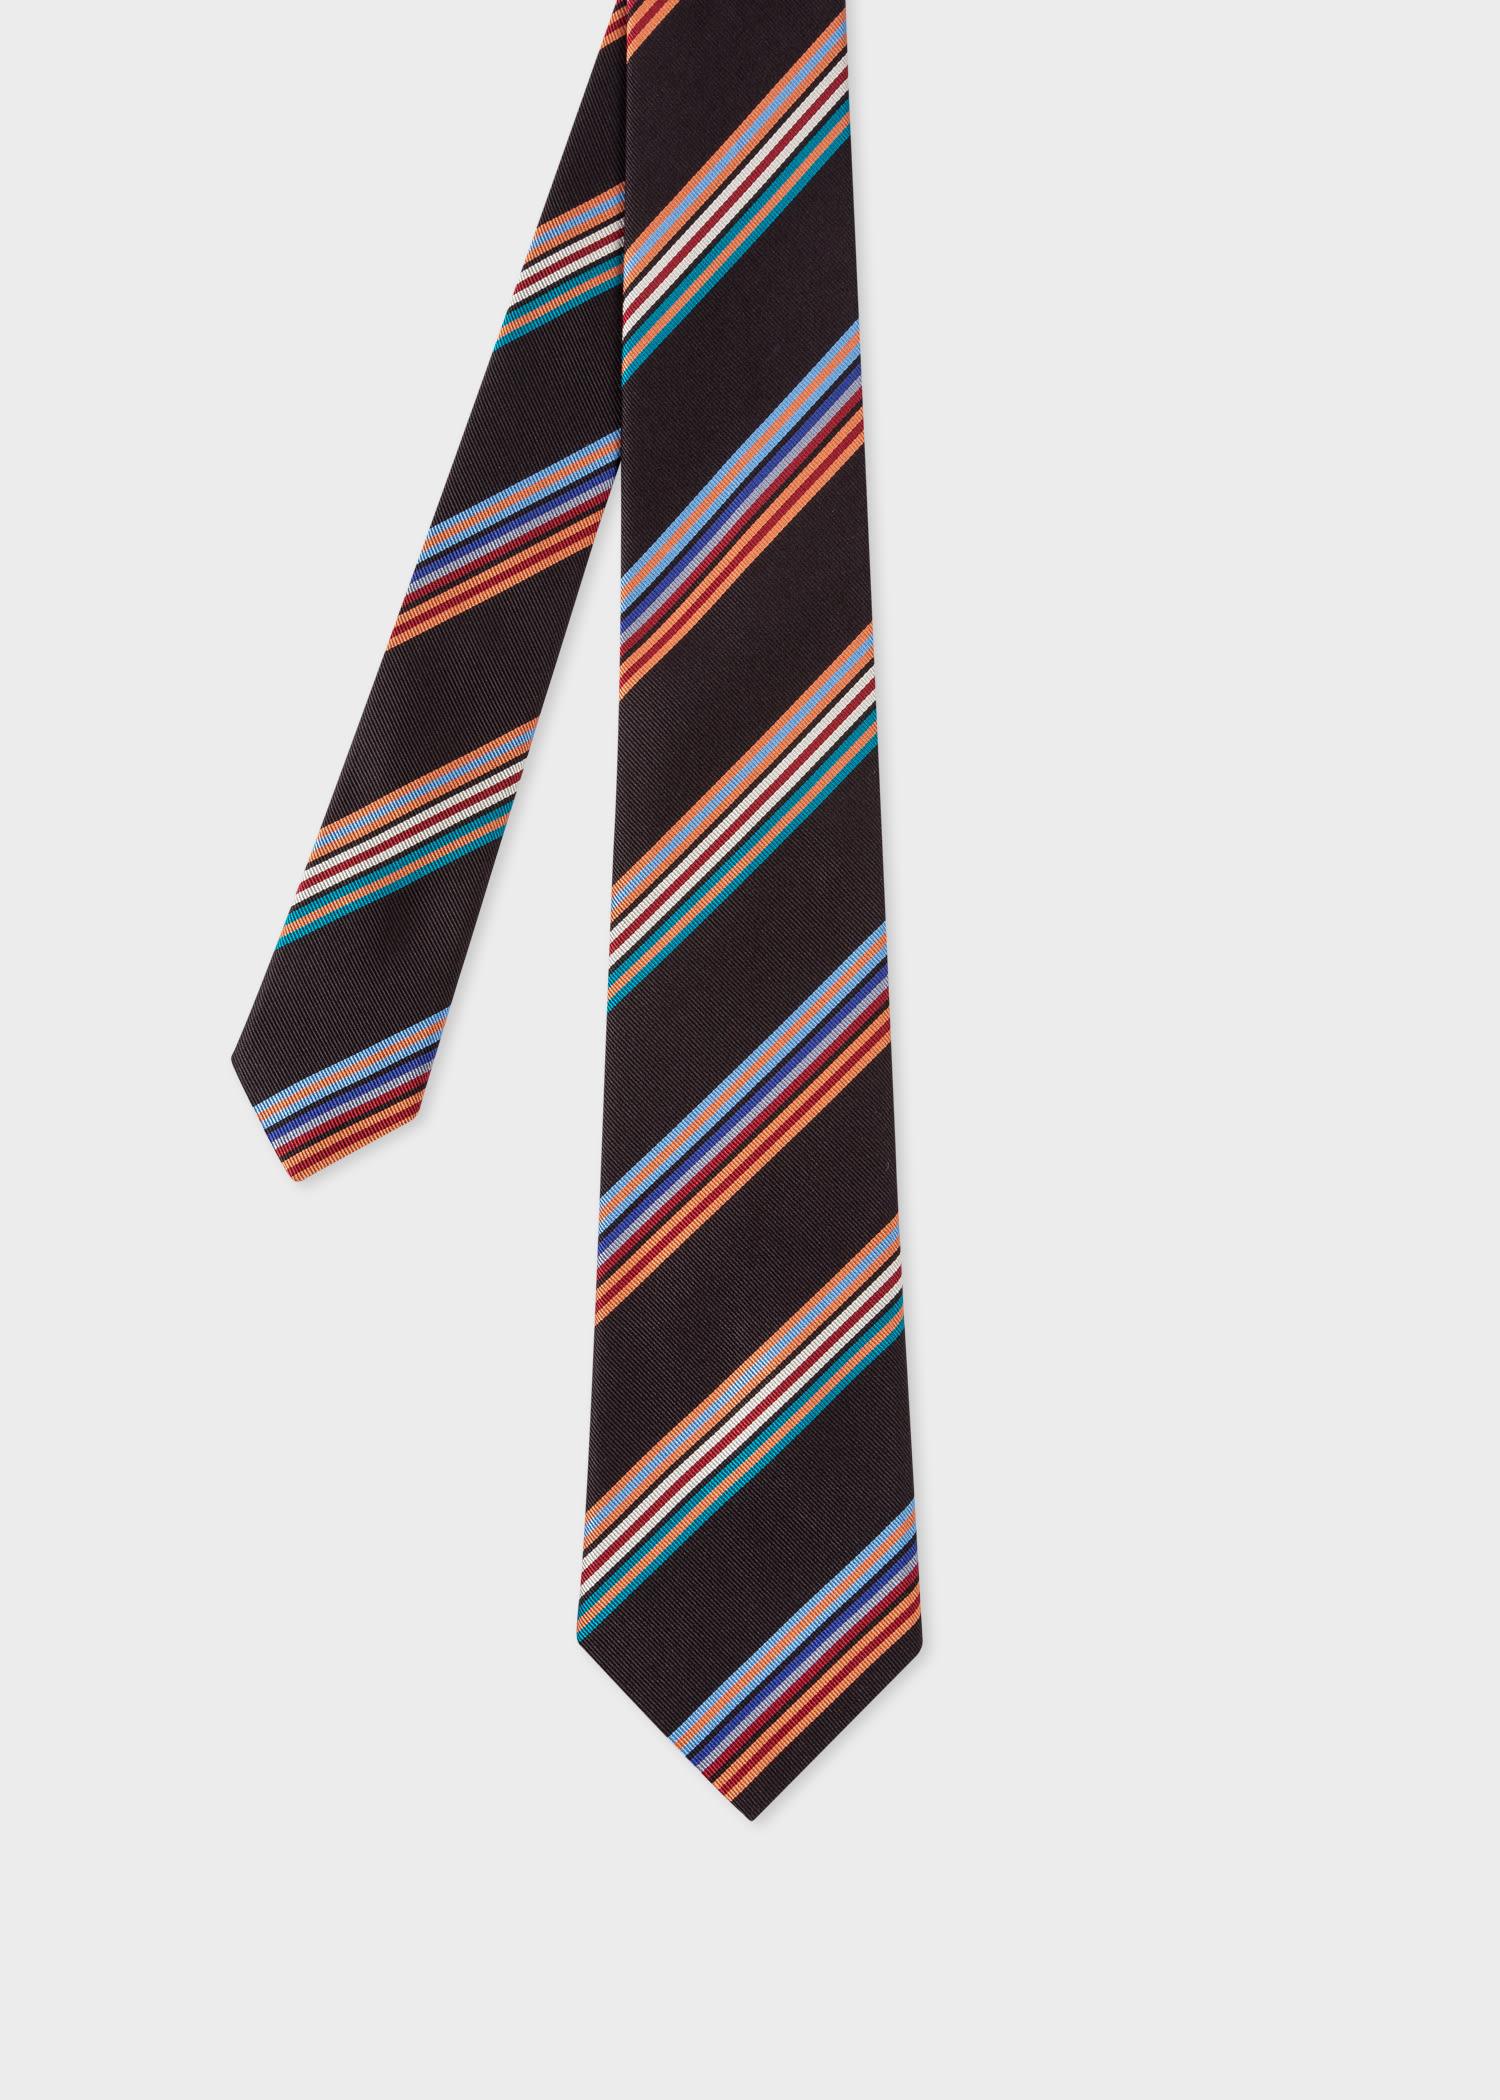 폴 스미스 Paul Smith Mens Black Multi-Coloured Stripe Silk Tie